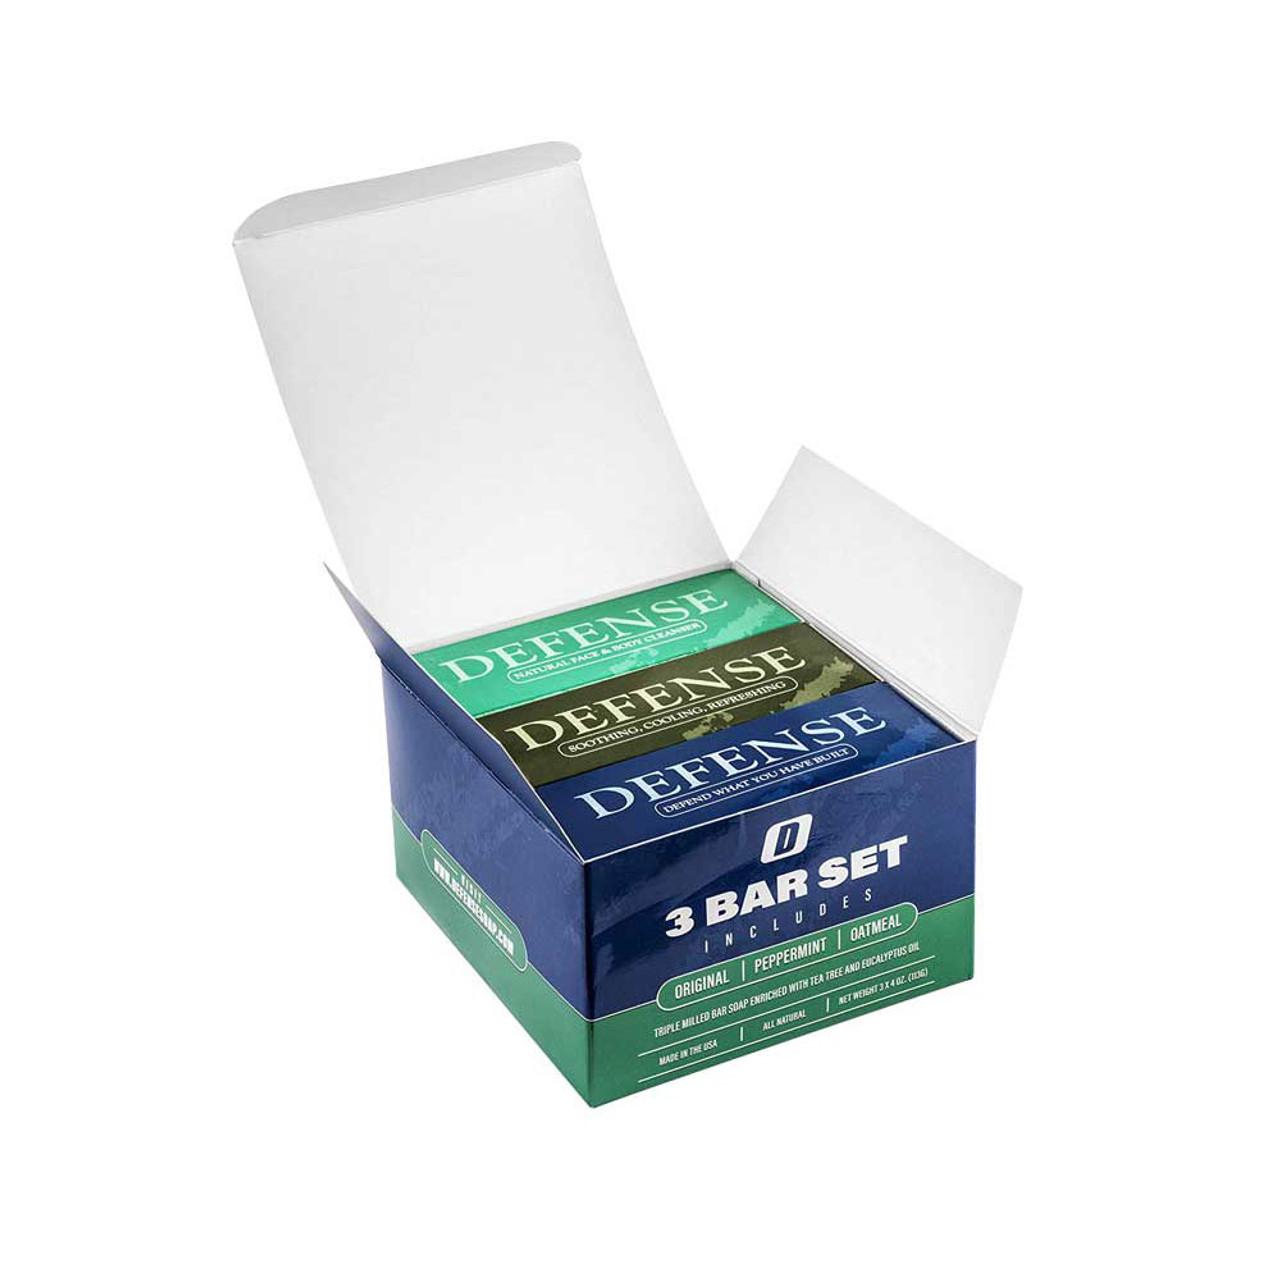 Defense Soap - 3 Bar Soap Set